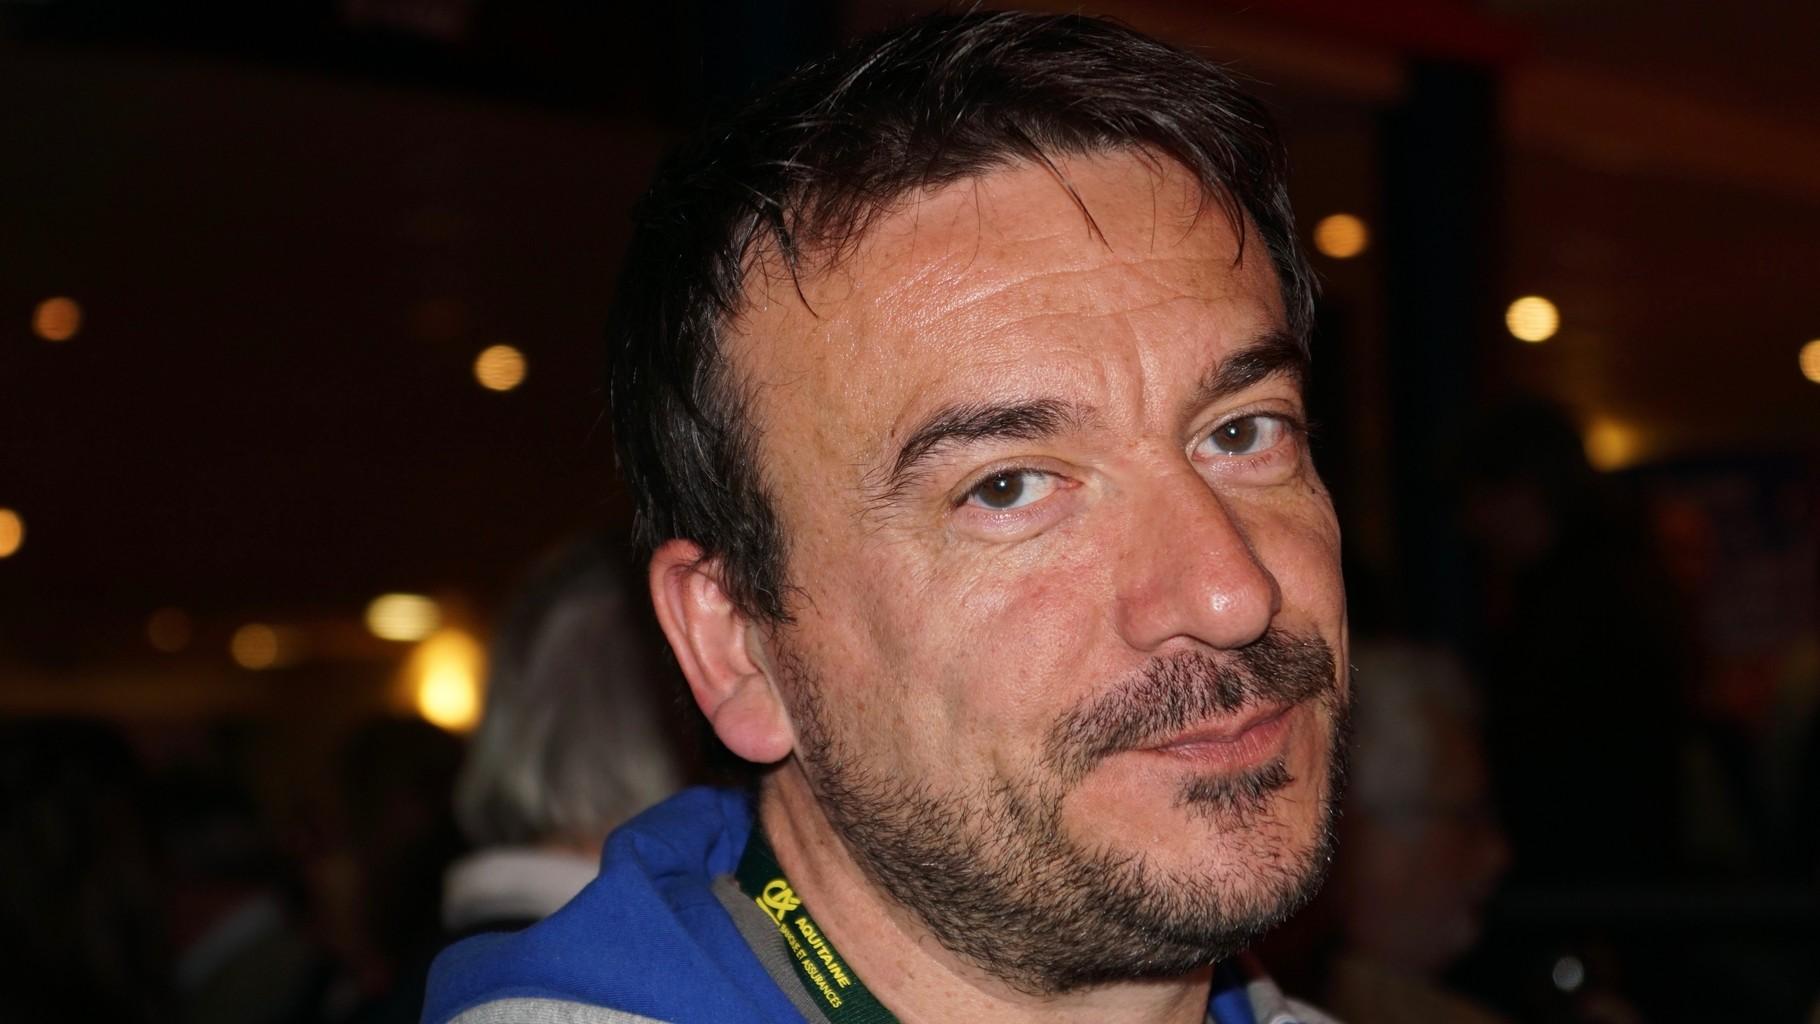 SOIREE DU GRAND ECRAN  Pierre RENVERSEAU, réalisateur et comédien